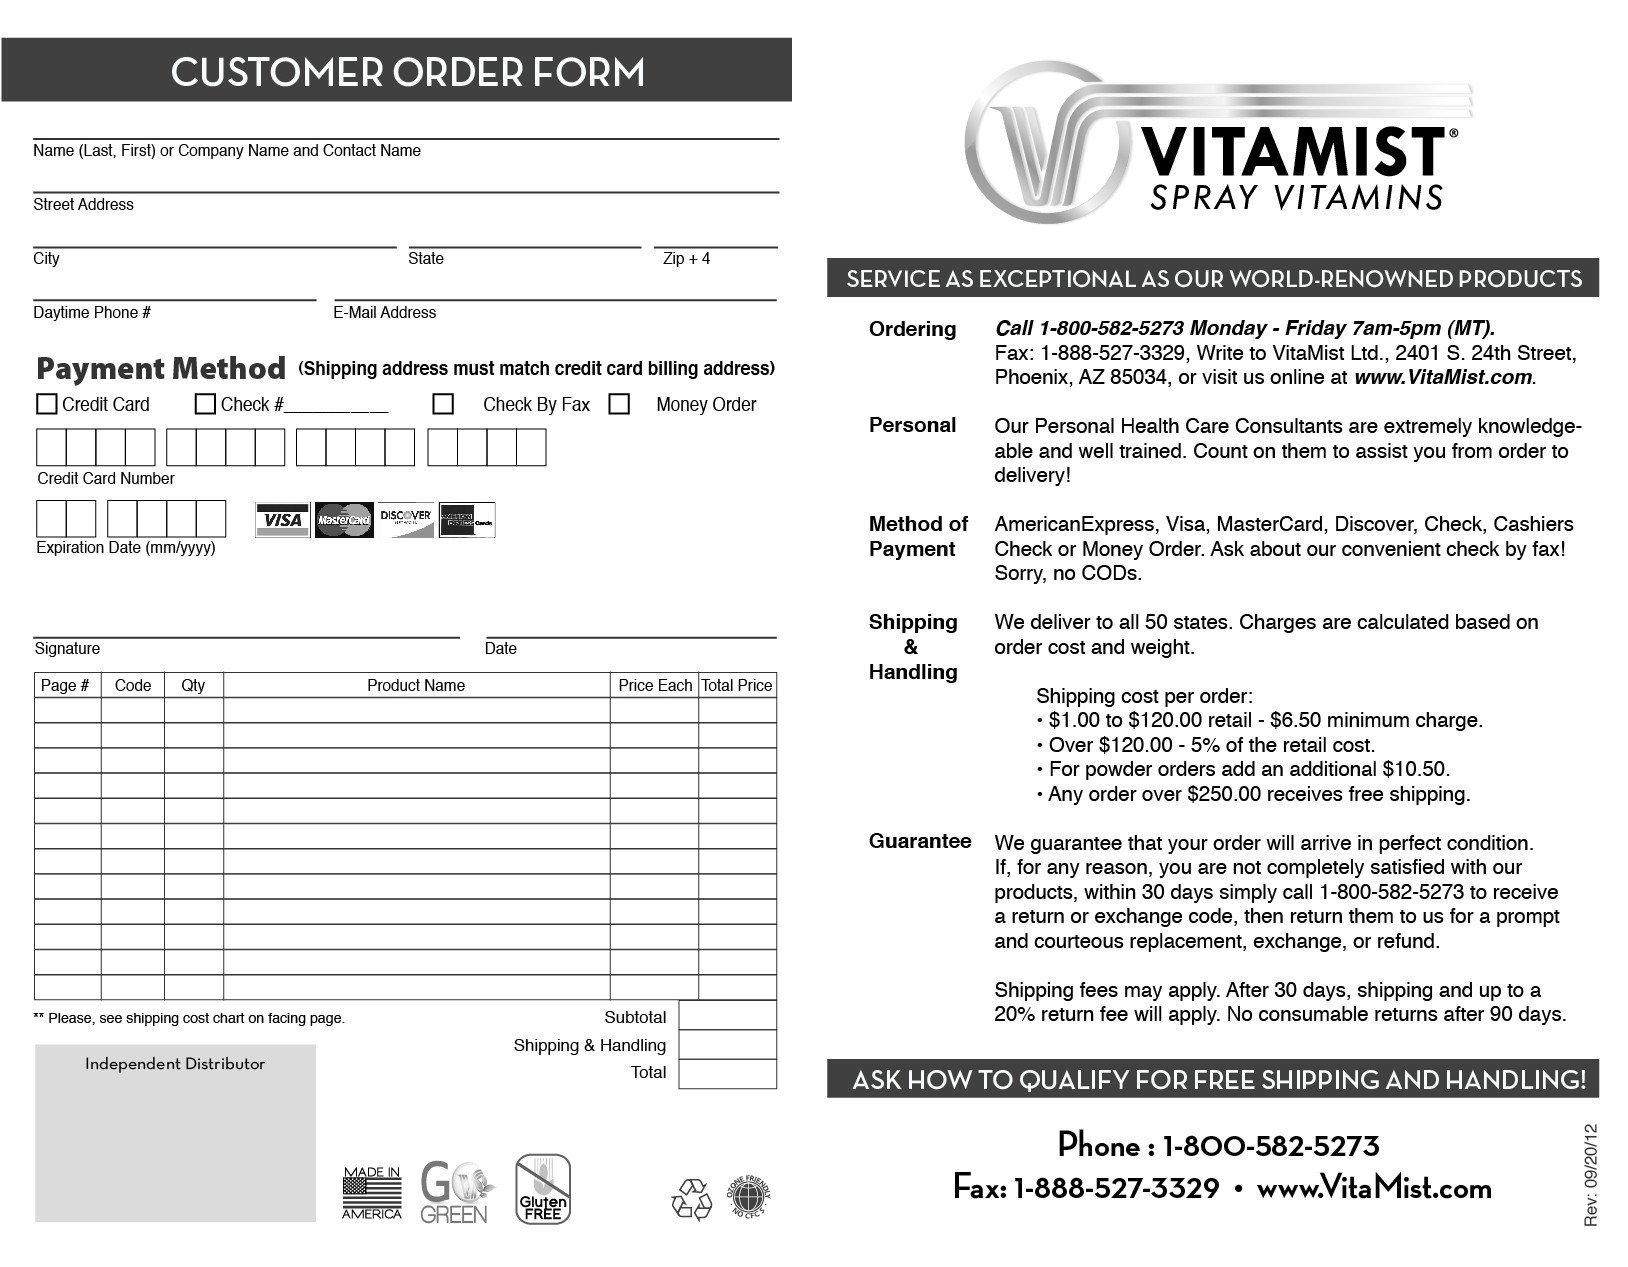 VitaMist Order Form 50 Pack